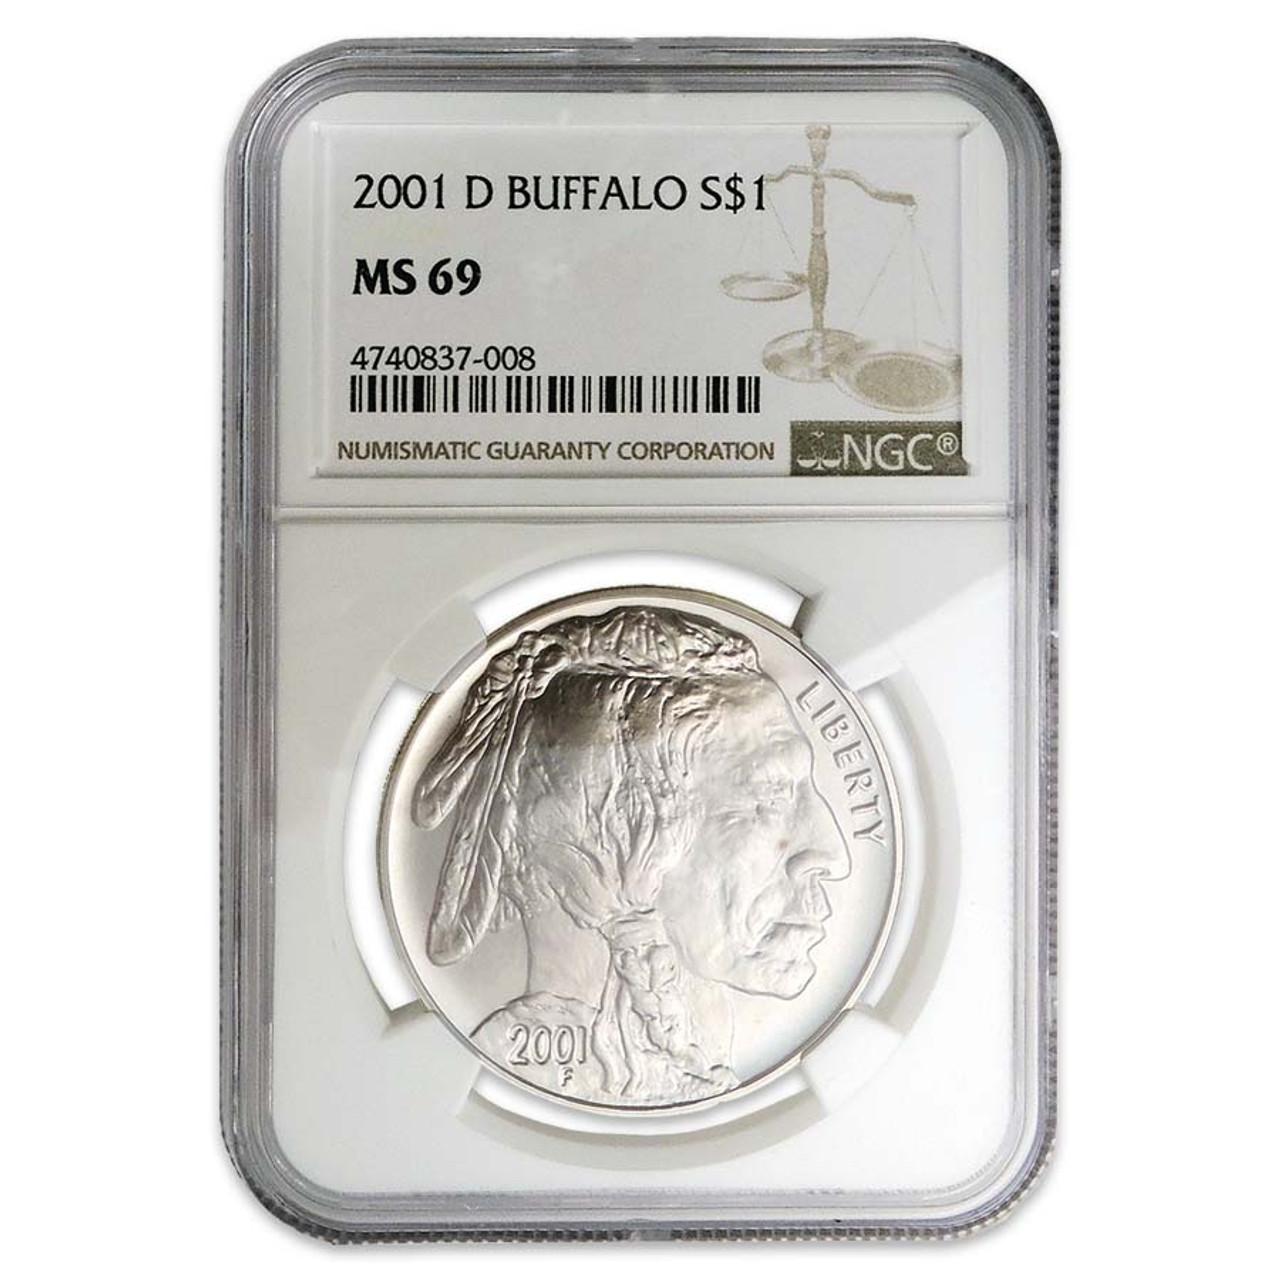 2001-D Buffalo Silver Dollar Certified MS-69